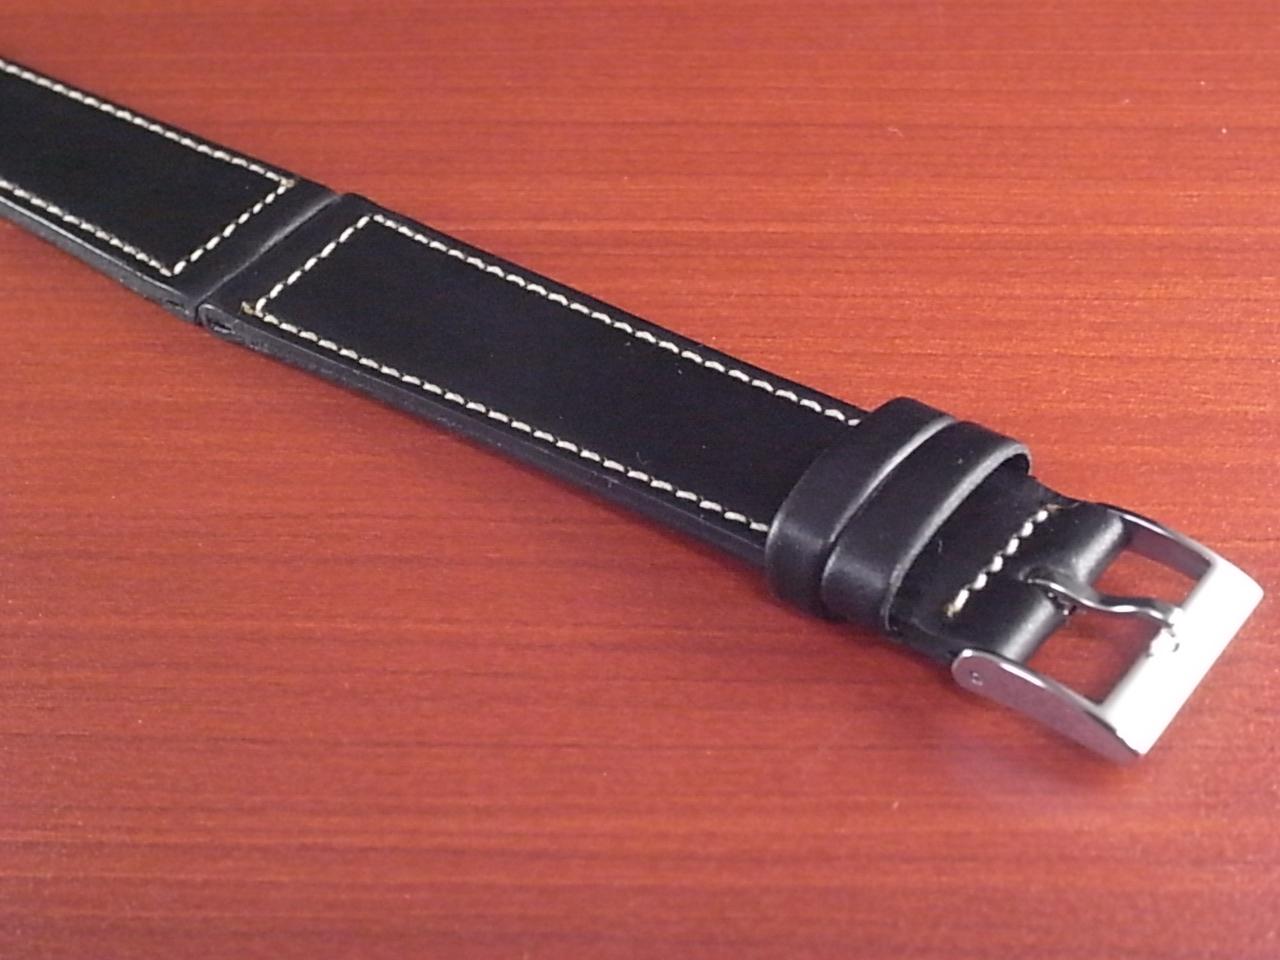 ホーウィン クロムエクセル レギュラー ブラック 16、17、18、19、20mmの写真6枚目